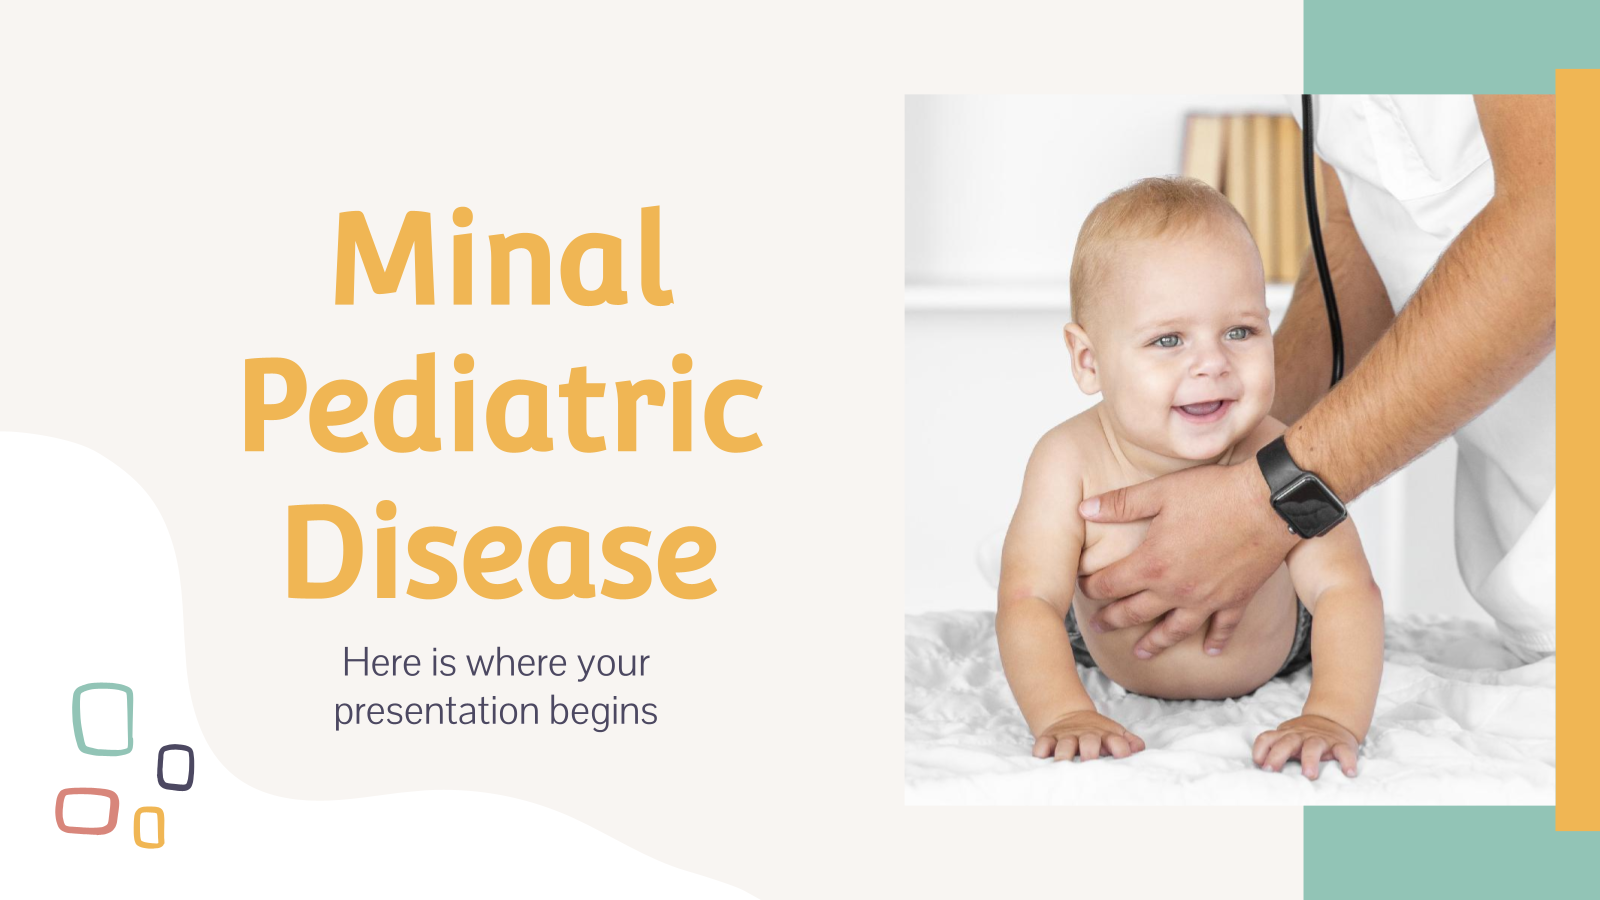 Modelo de apresentação Doença pediátrica Minal